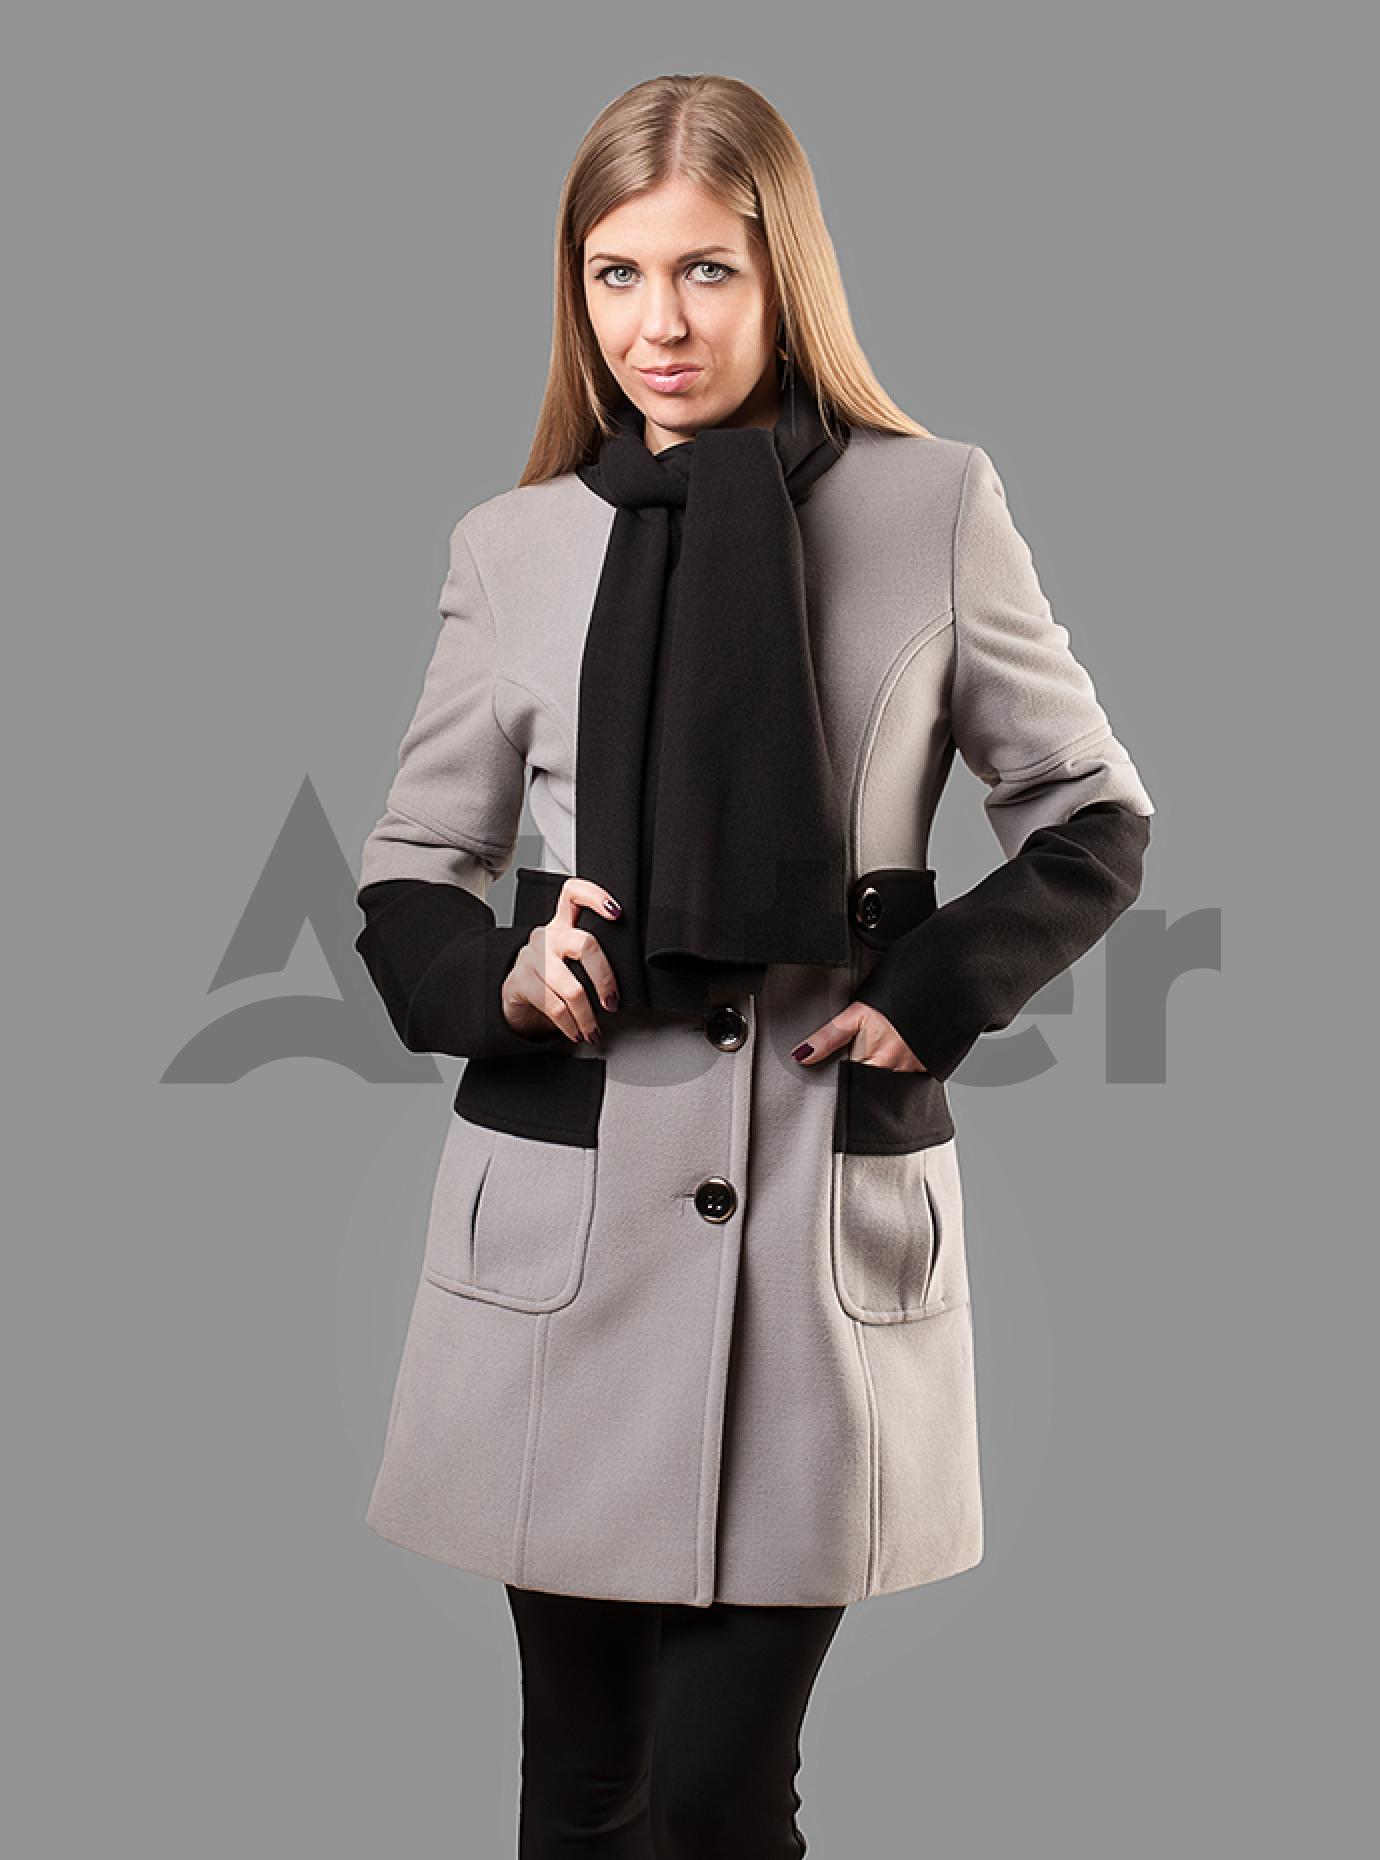 Пальто женское со вставками Чёрный S (05-ZZ19114): фото - Alster.ua